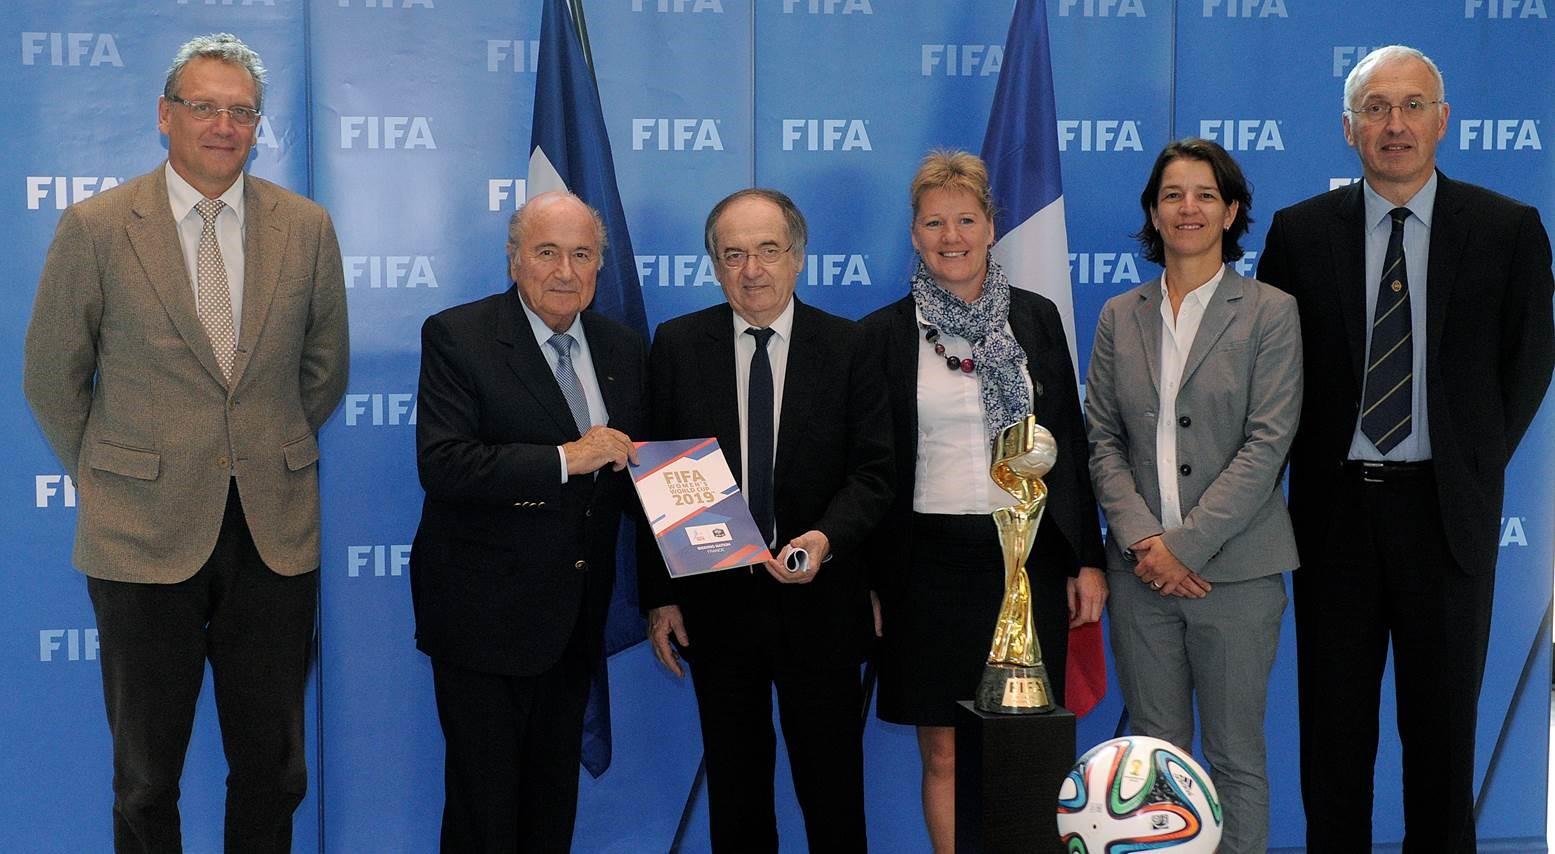 coupe du monde féminine 2019 france FIFA football